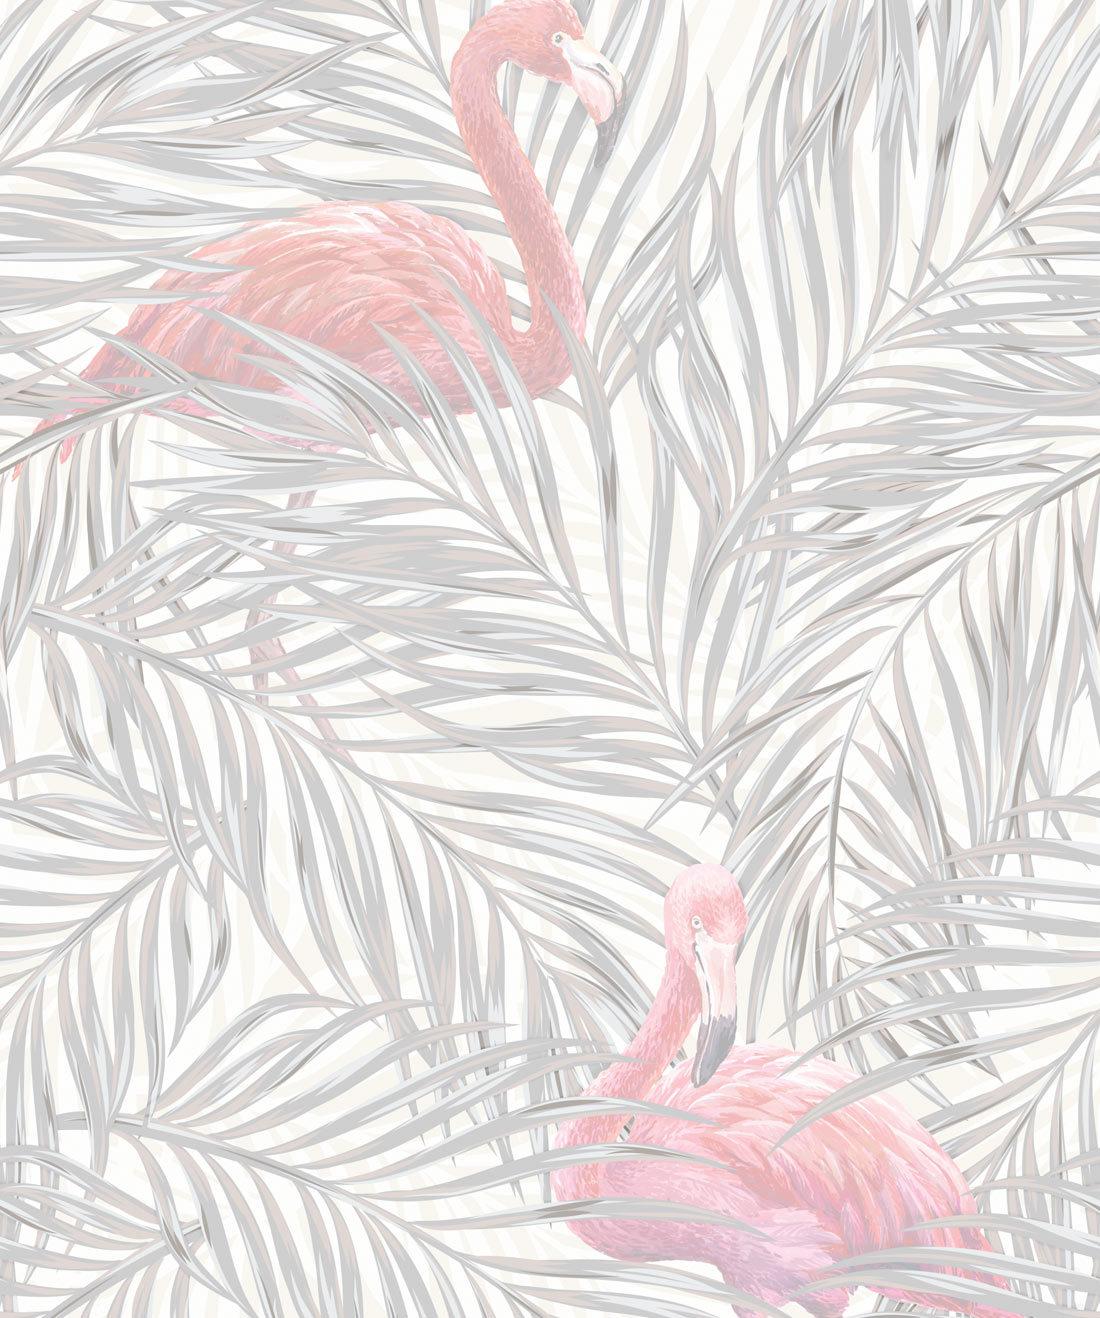 Download 560 Wallpaper Wa Flamingo Gratis Terbaru